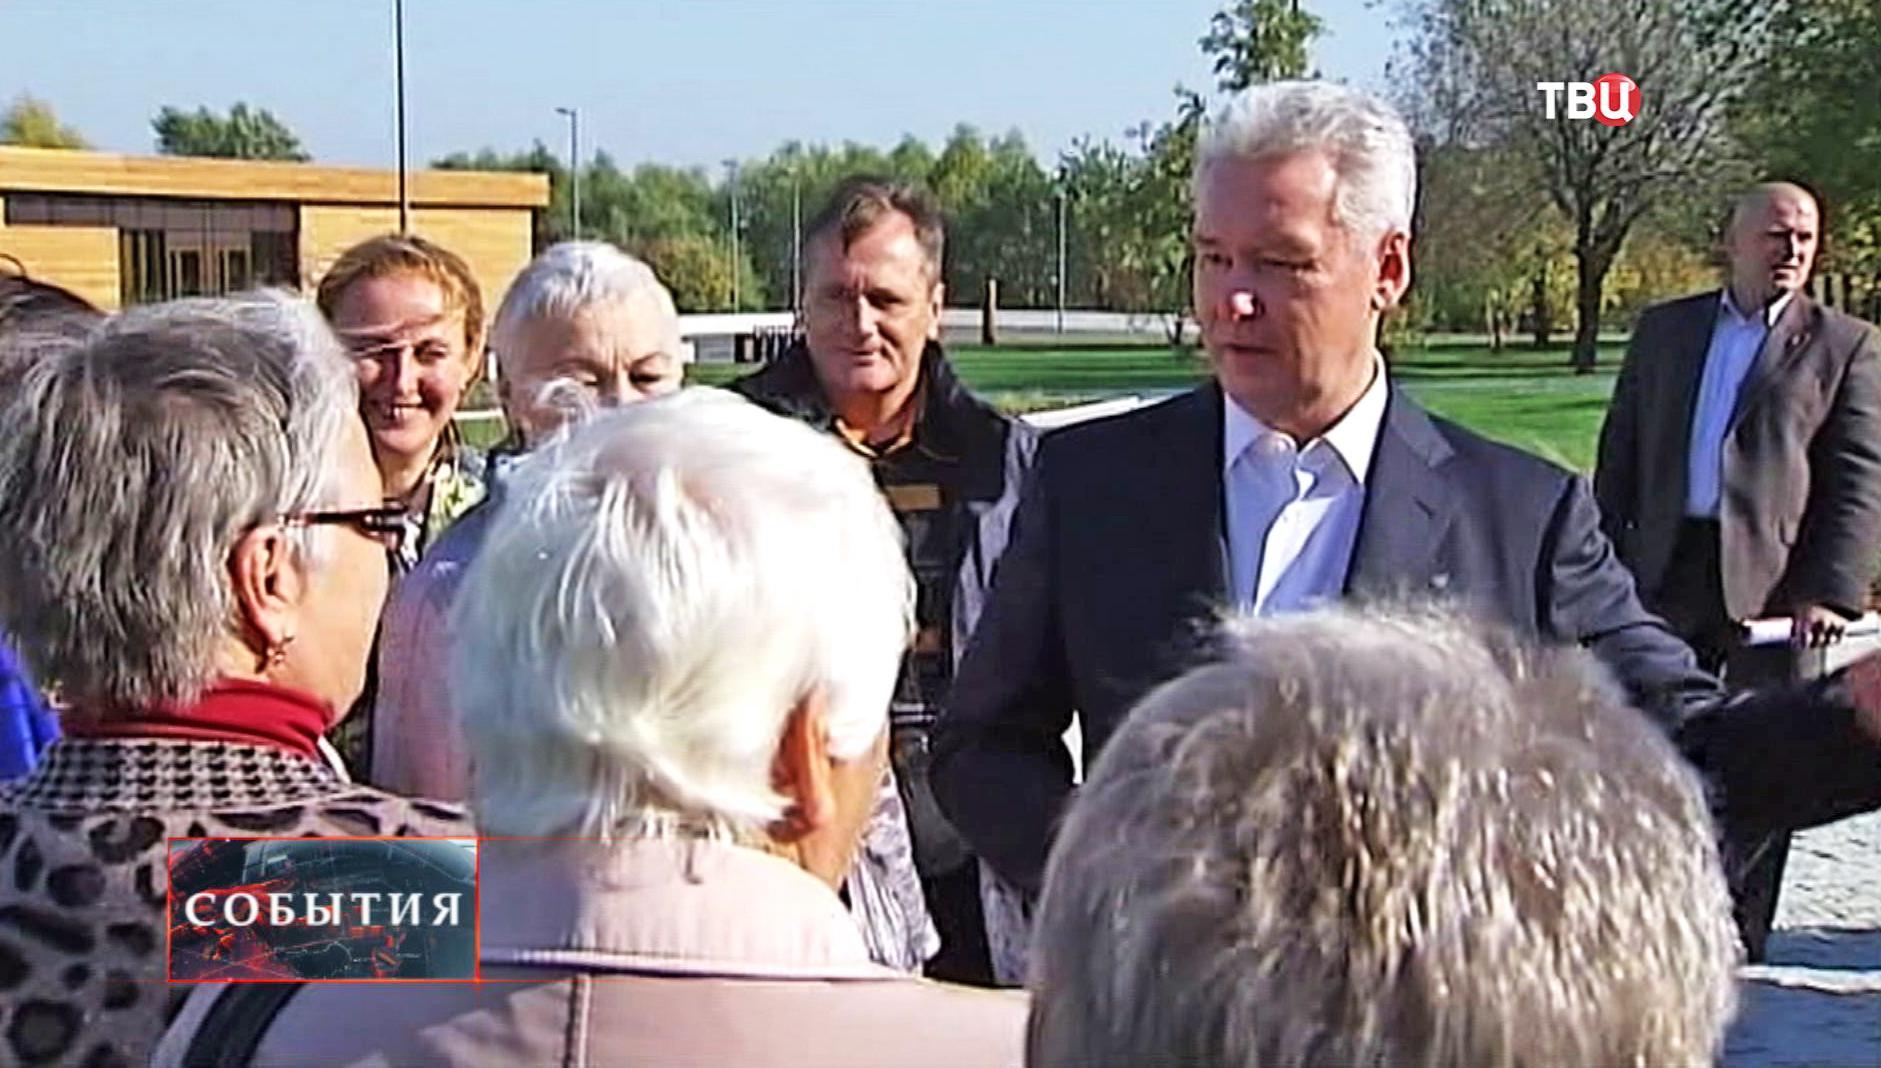 Мэр Москвы Сергей Собянин общается с жителями ЮАО